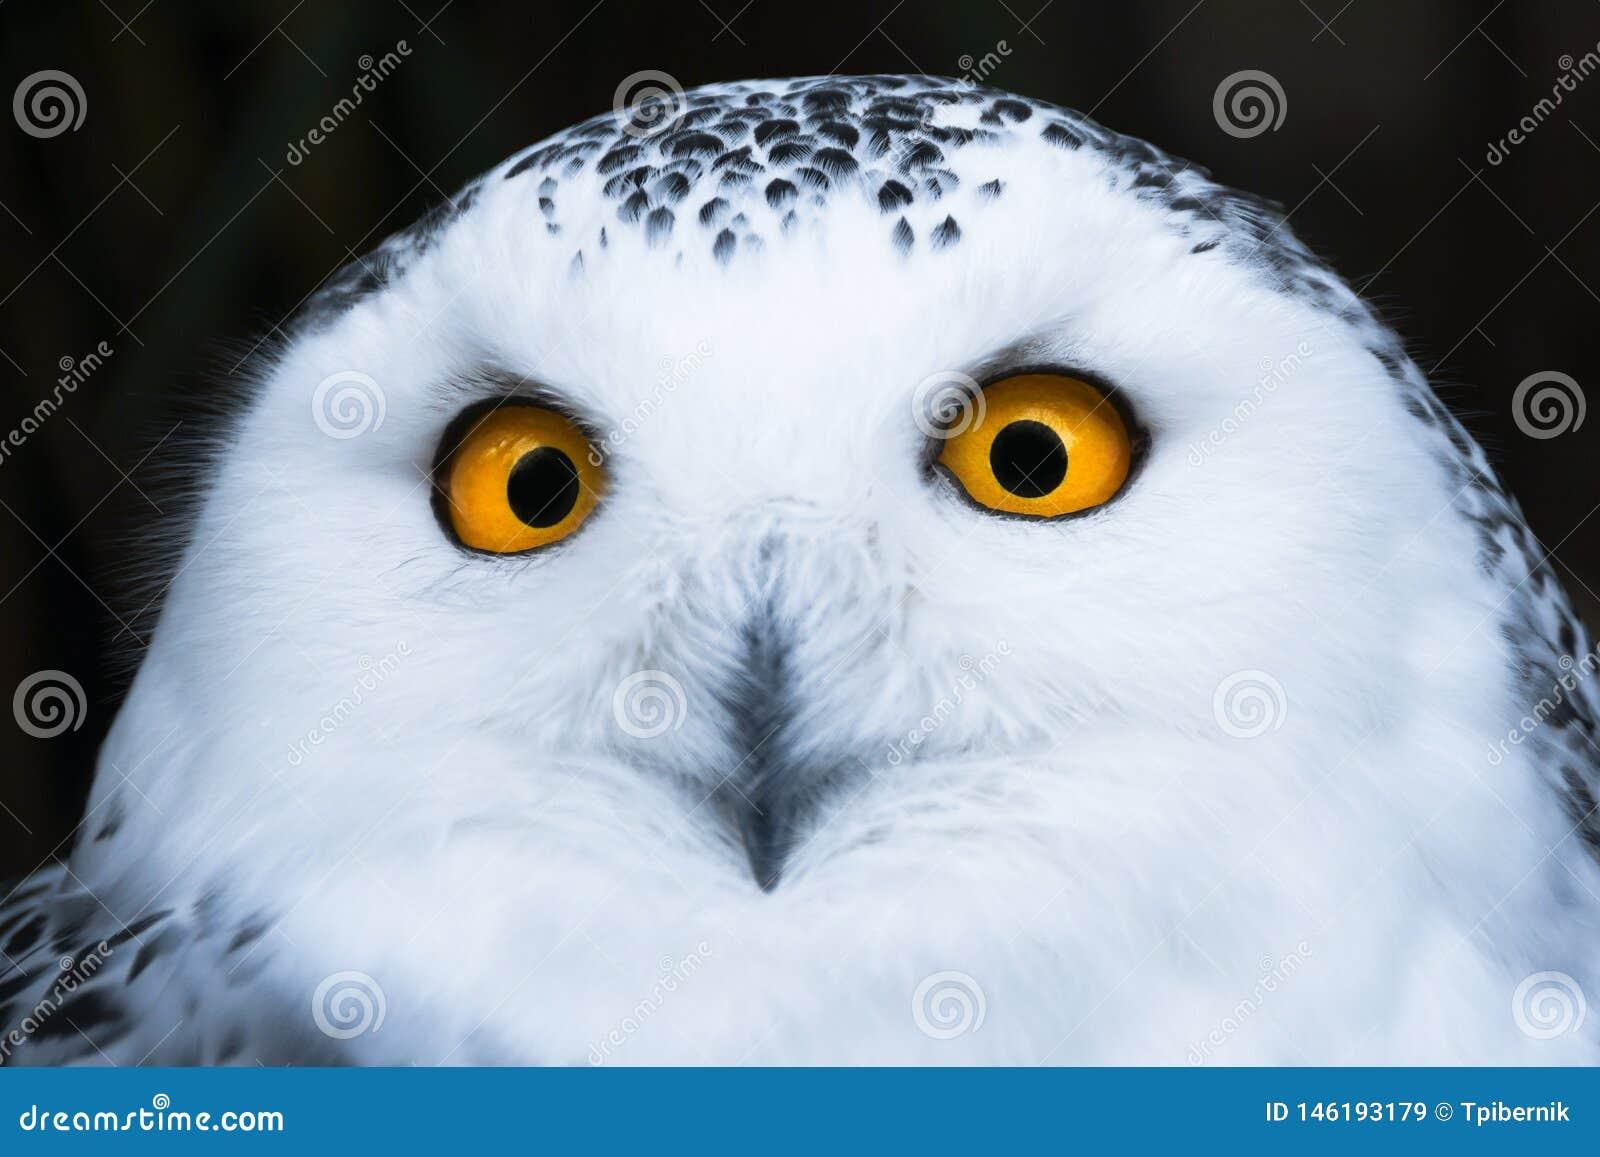 Kluge schauende wei?e Schneeeule mit gro?em orange Augenportr?t